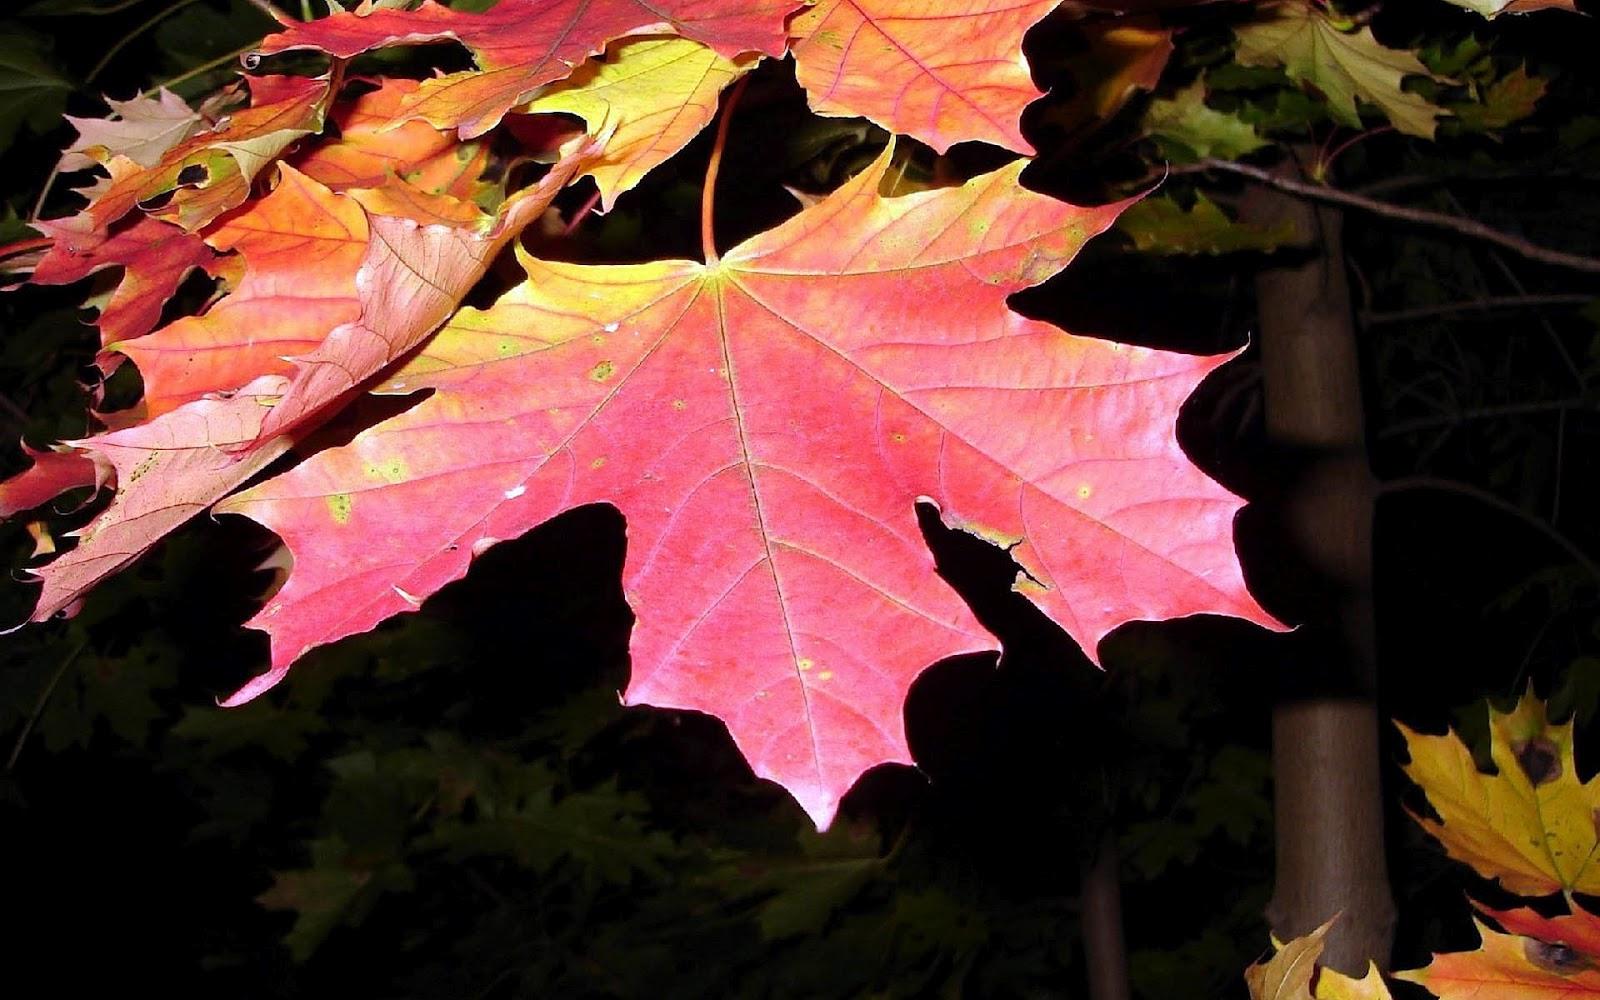 http://2.bp.blogspot.com/-YchnKoJNZGE/UFc2y02dBXI/AAAAAAAACTQ/9aGcv51Zw6o/s1600/hd-herfst-wallpaper-met-grote-rode-herfstbladeren-aan-de-boom-hd-herfst-achtergrond-foto.jpg